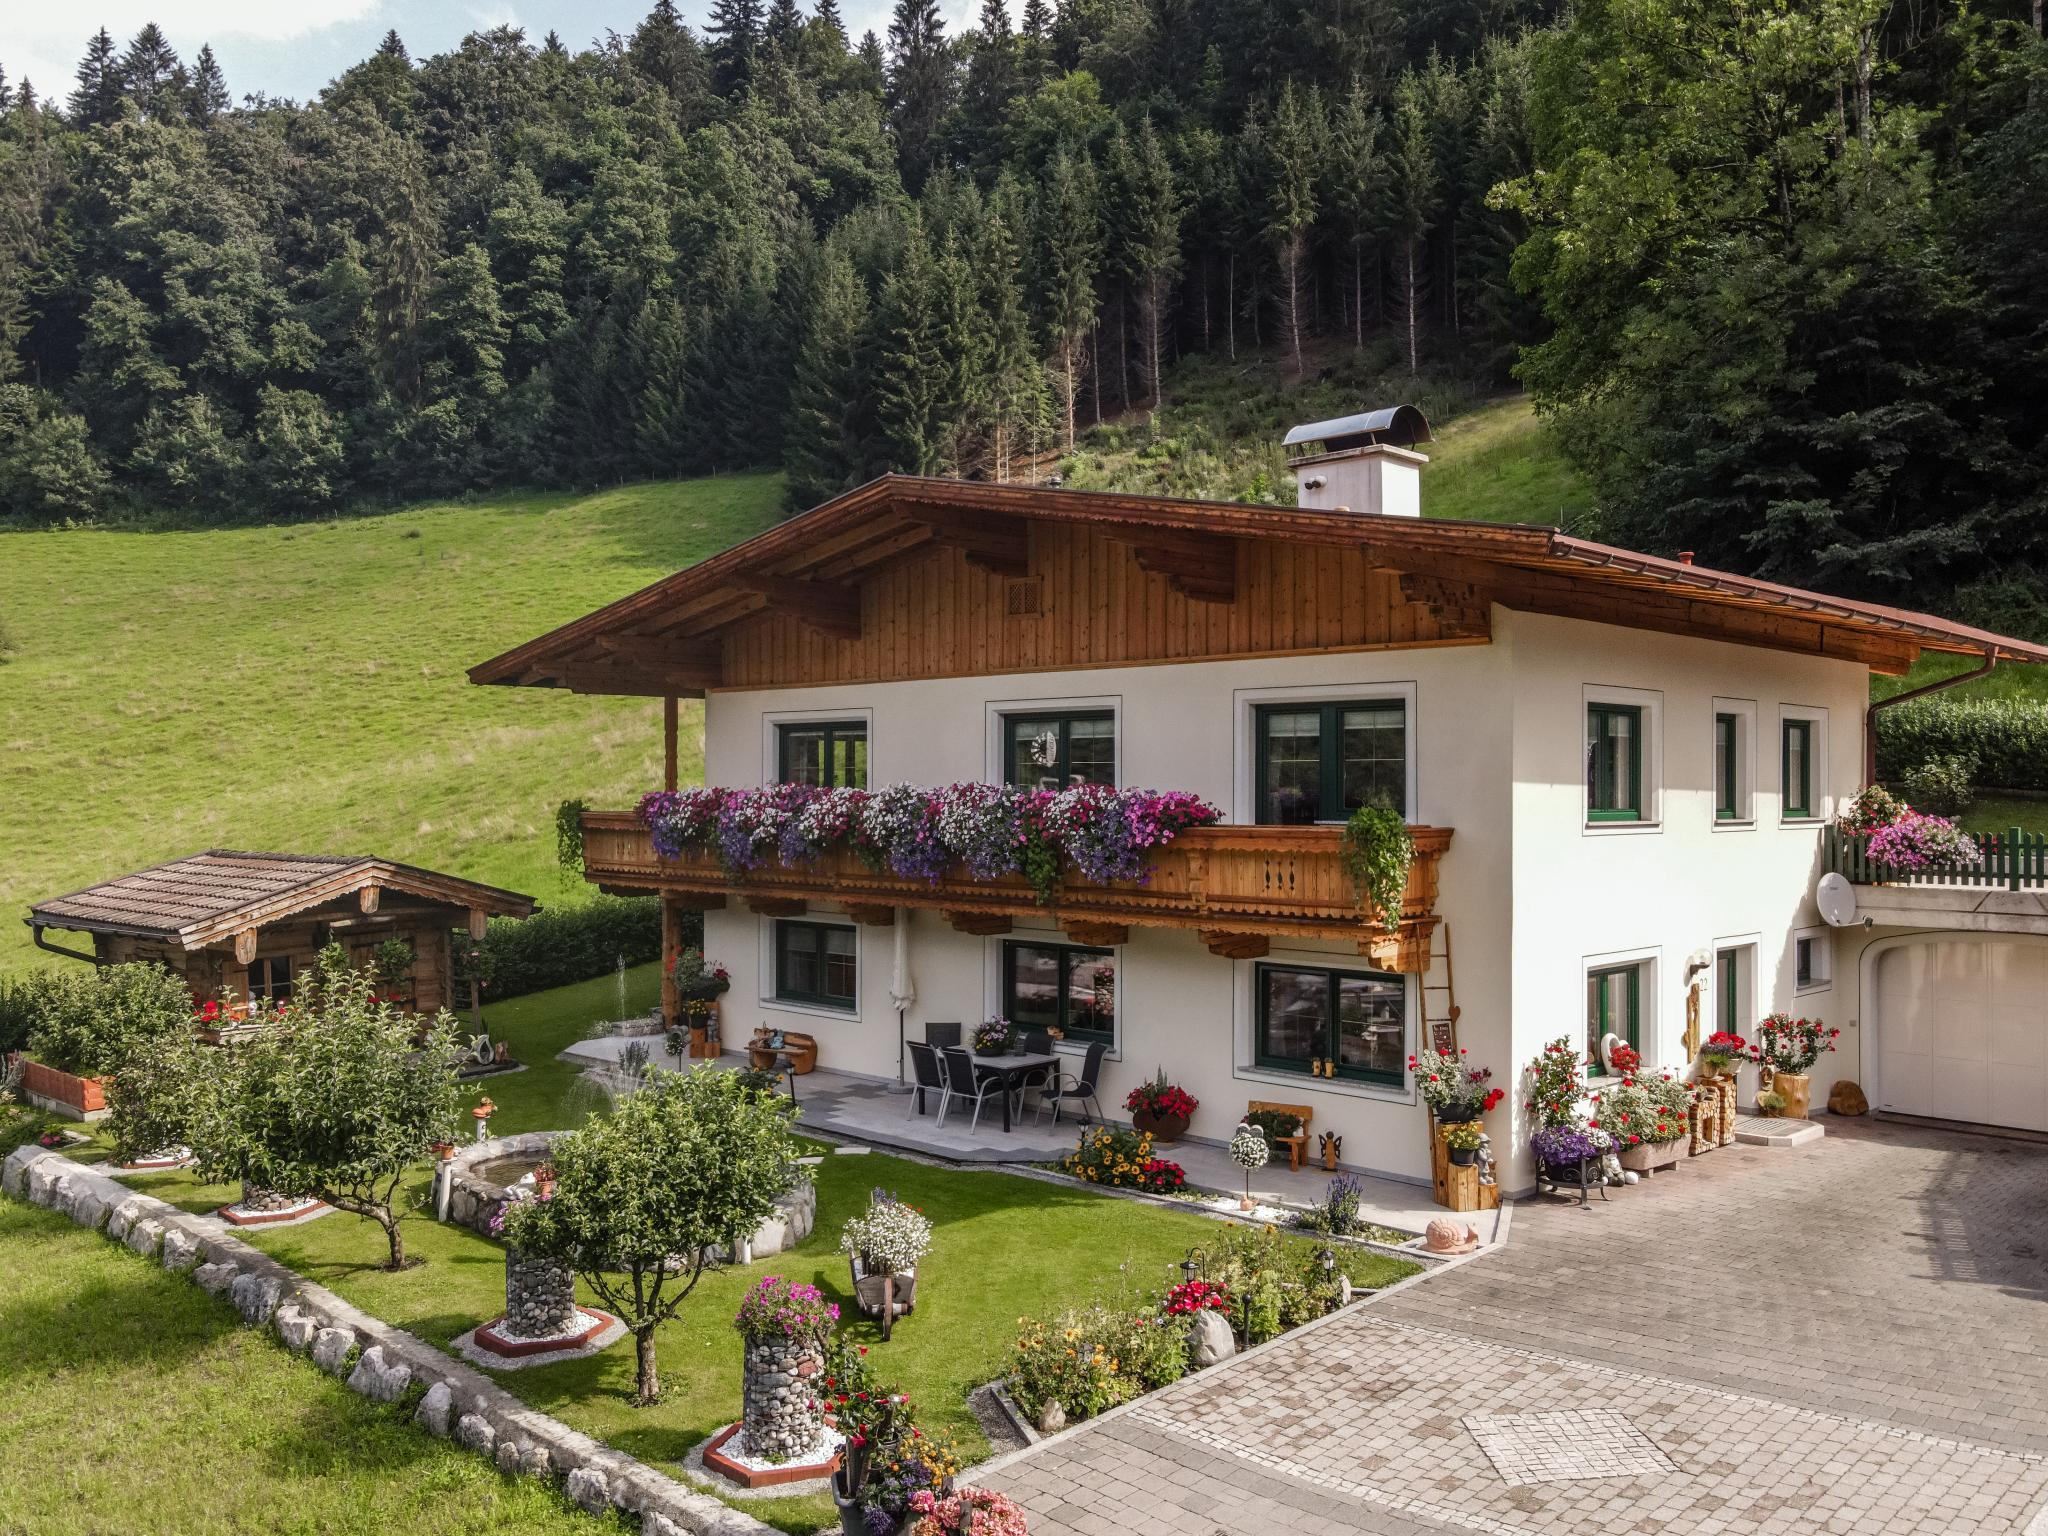 Haus am Wald Tirol